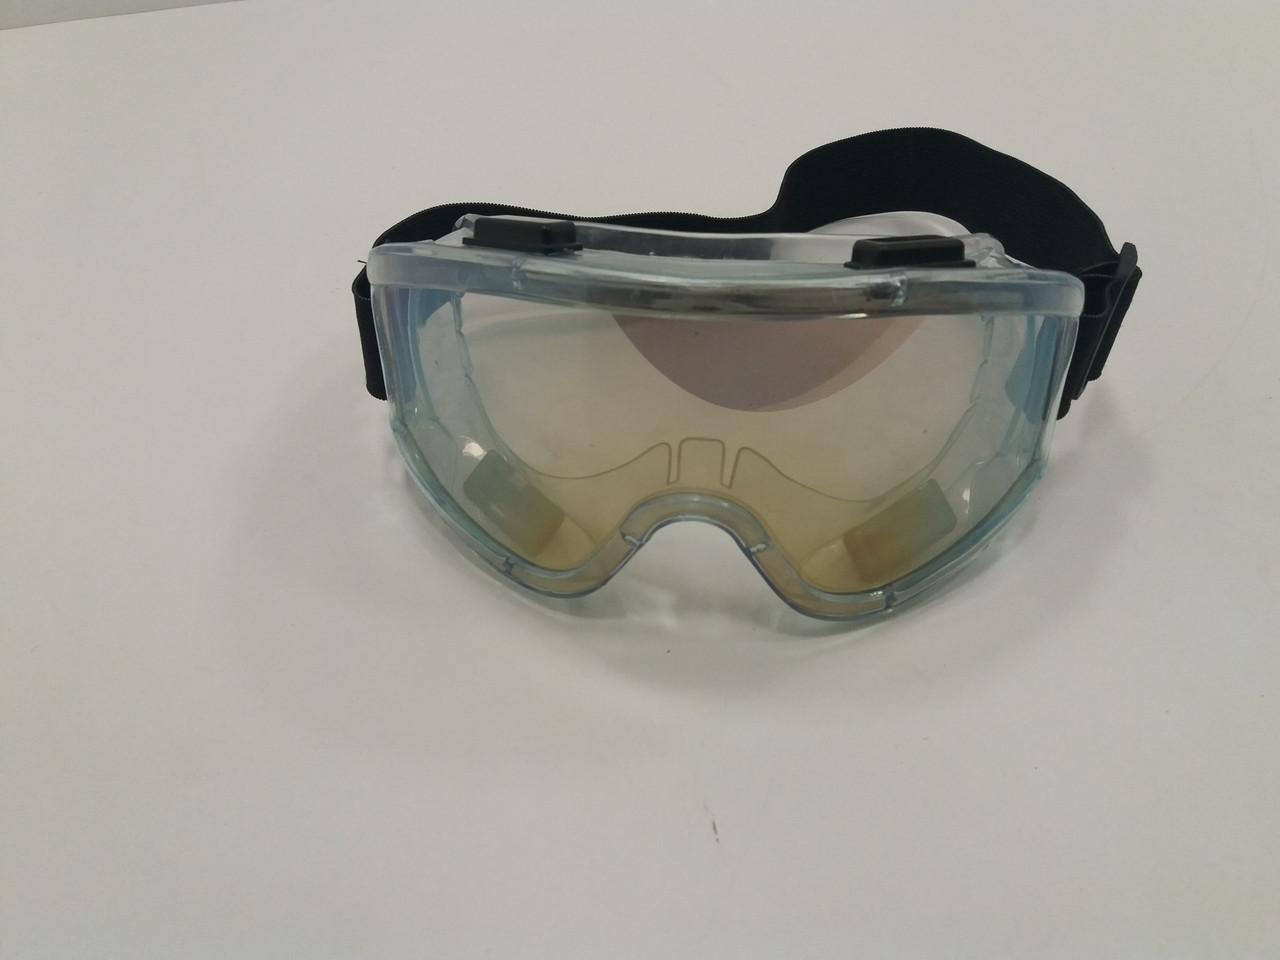 Очки защитные(лыжника) антиблик на резинке